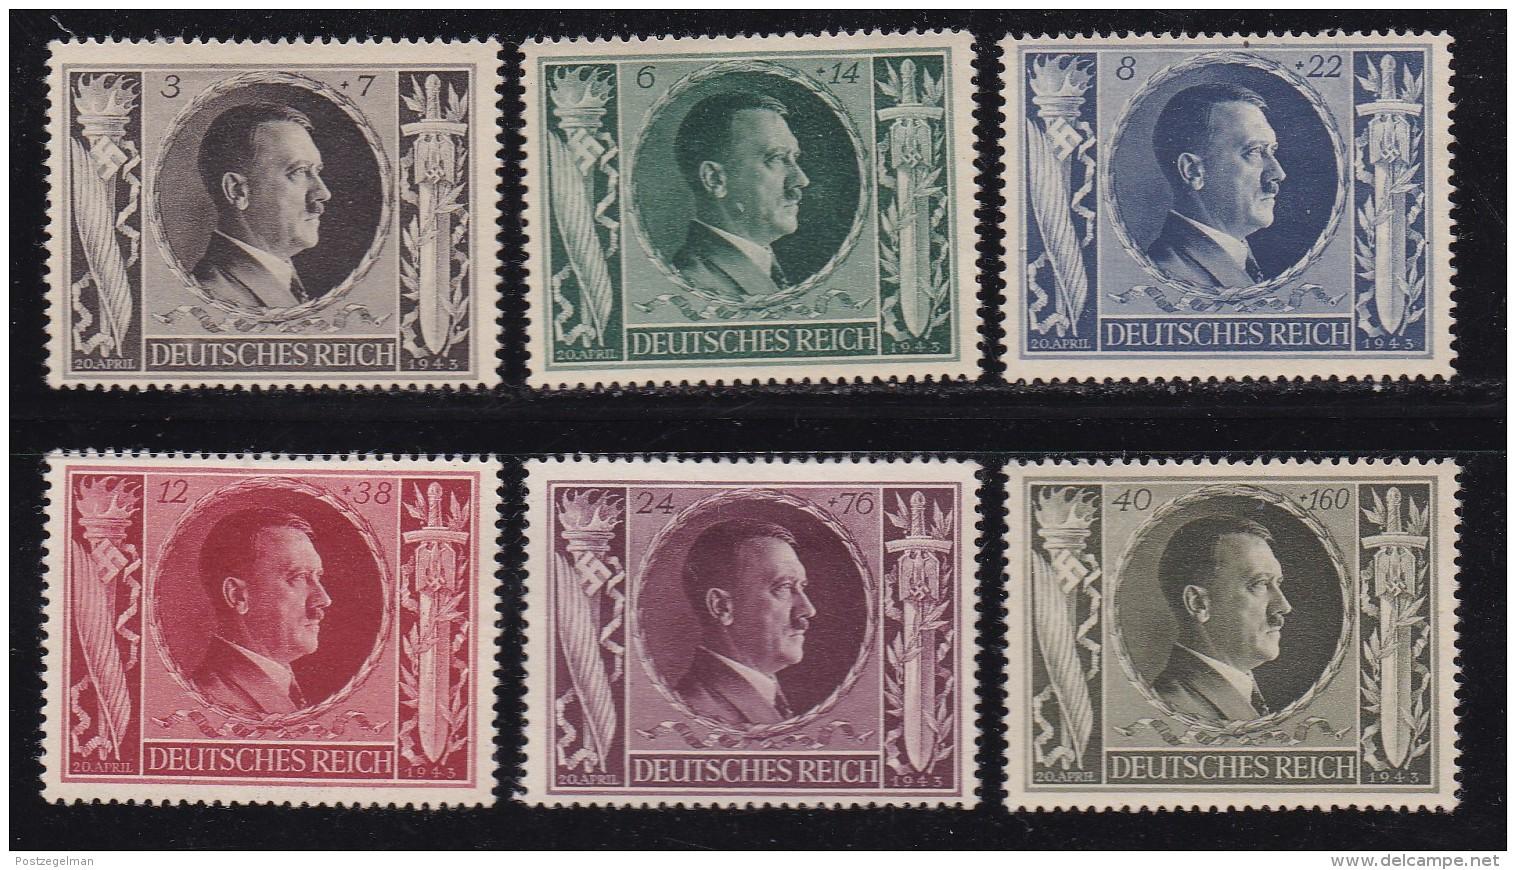 DEUTSCHES REICH, 1943, Unused (no Glue) Stamp(s), Hitler, MI 844-849, #16173 , - Germany